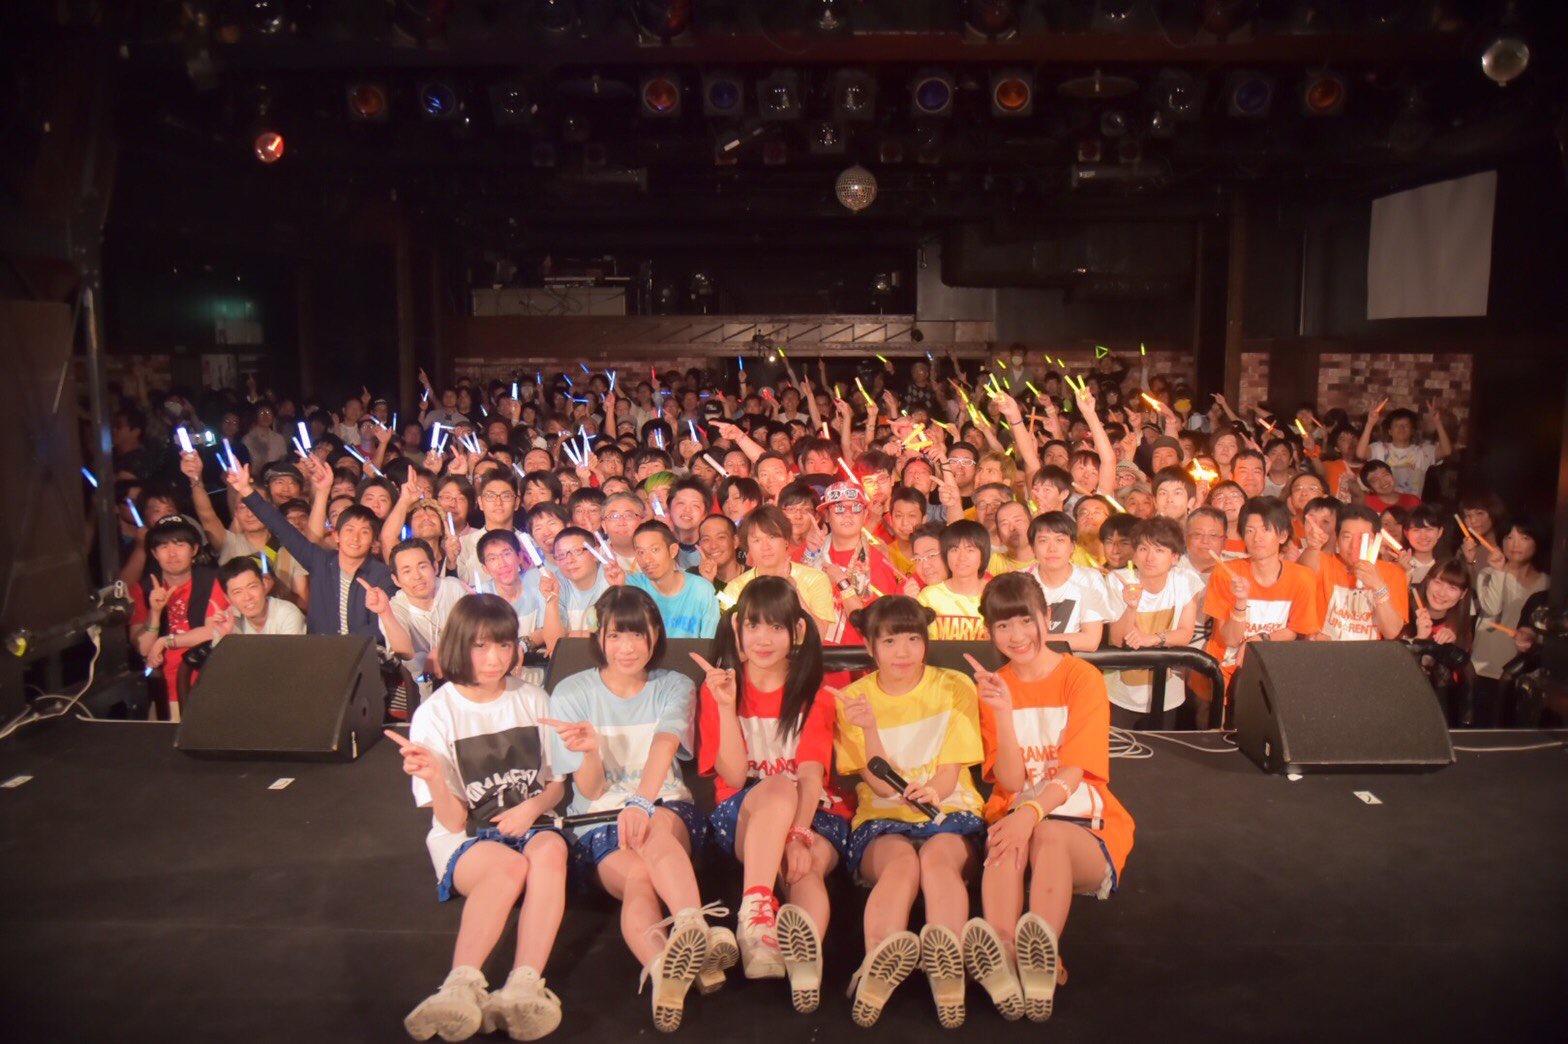 煌めき☆アンフォレント、満員の名古屋クアトロにて、全国ツアーと名古屋クラブダイヤモンドホールでのツアーファイナルを発表!サムネイル画像